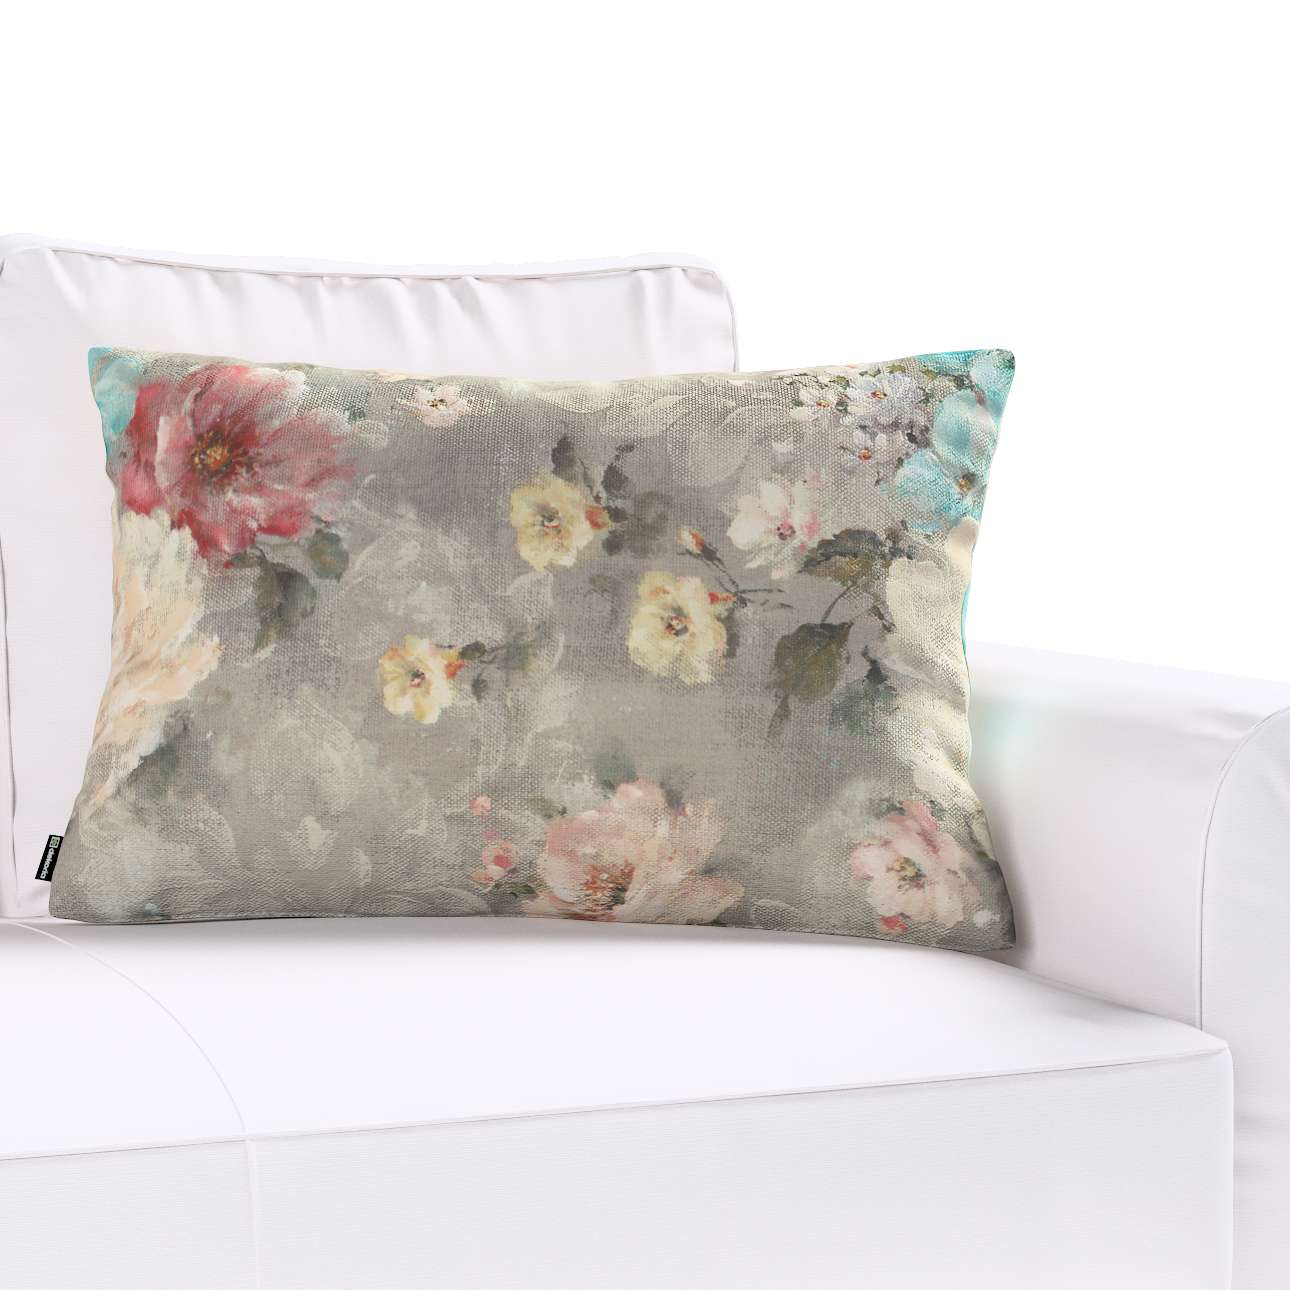 Poszewka Kinga na poduszkę prostokątną 60 x 40 cm w kolekcji Monet, tkanina: 137-81